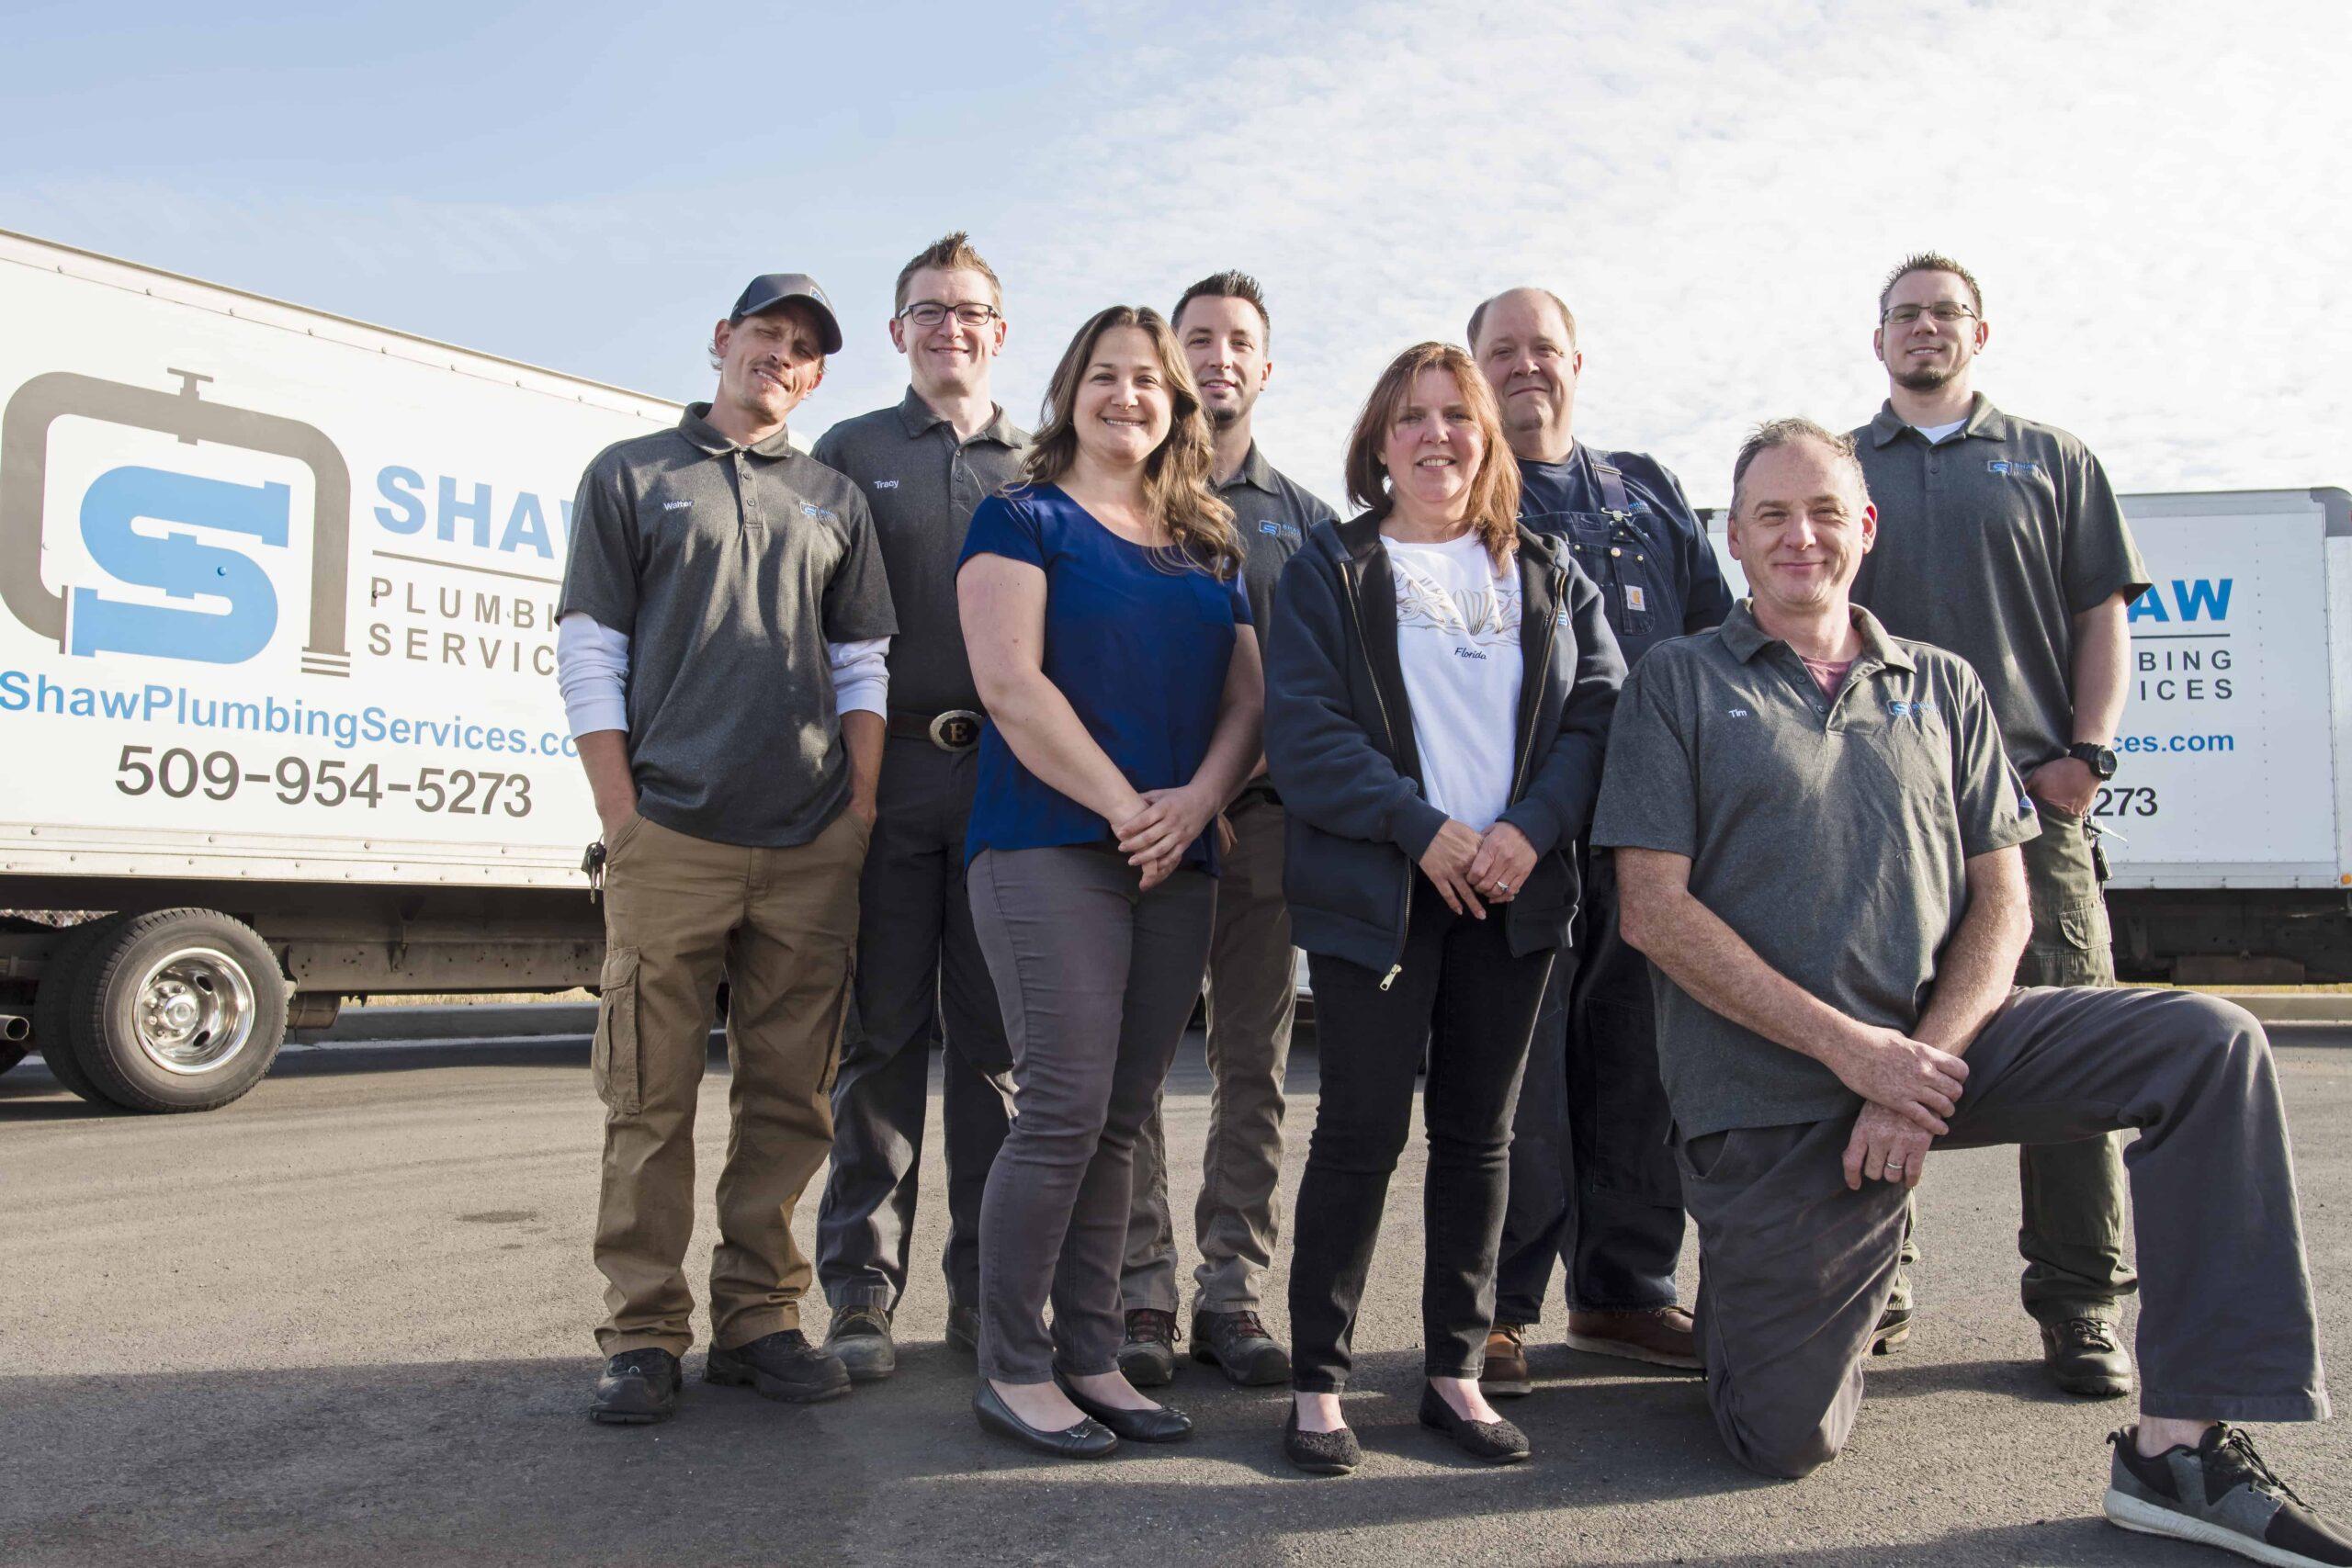 Shaw Plumbing Spokane Crew